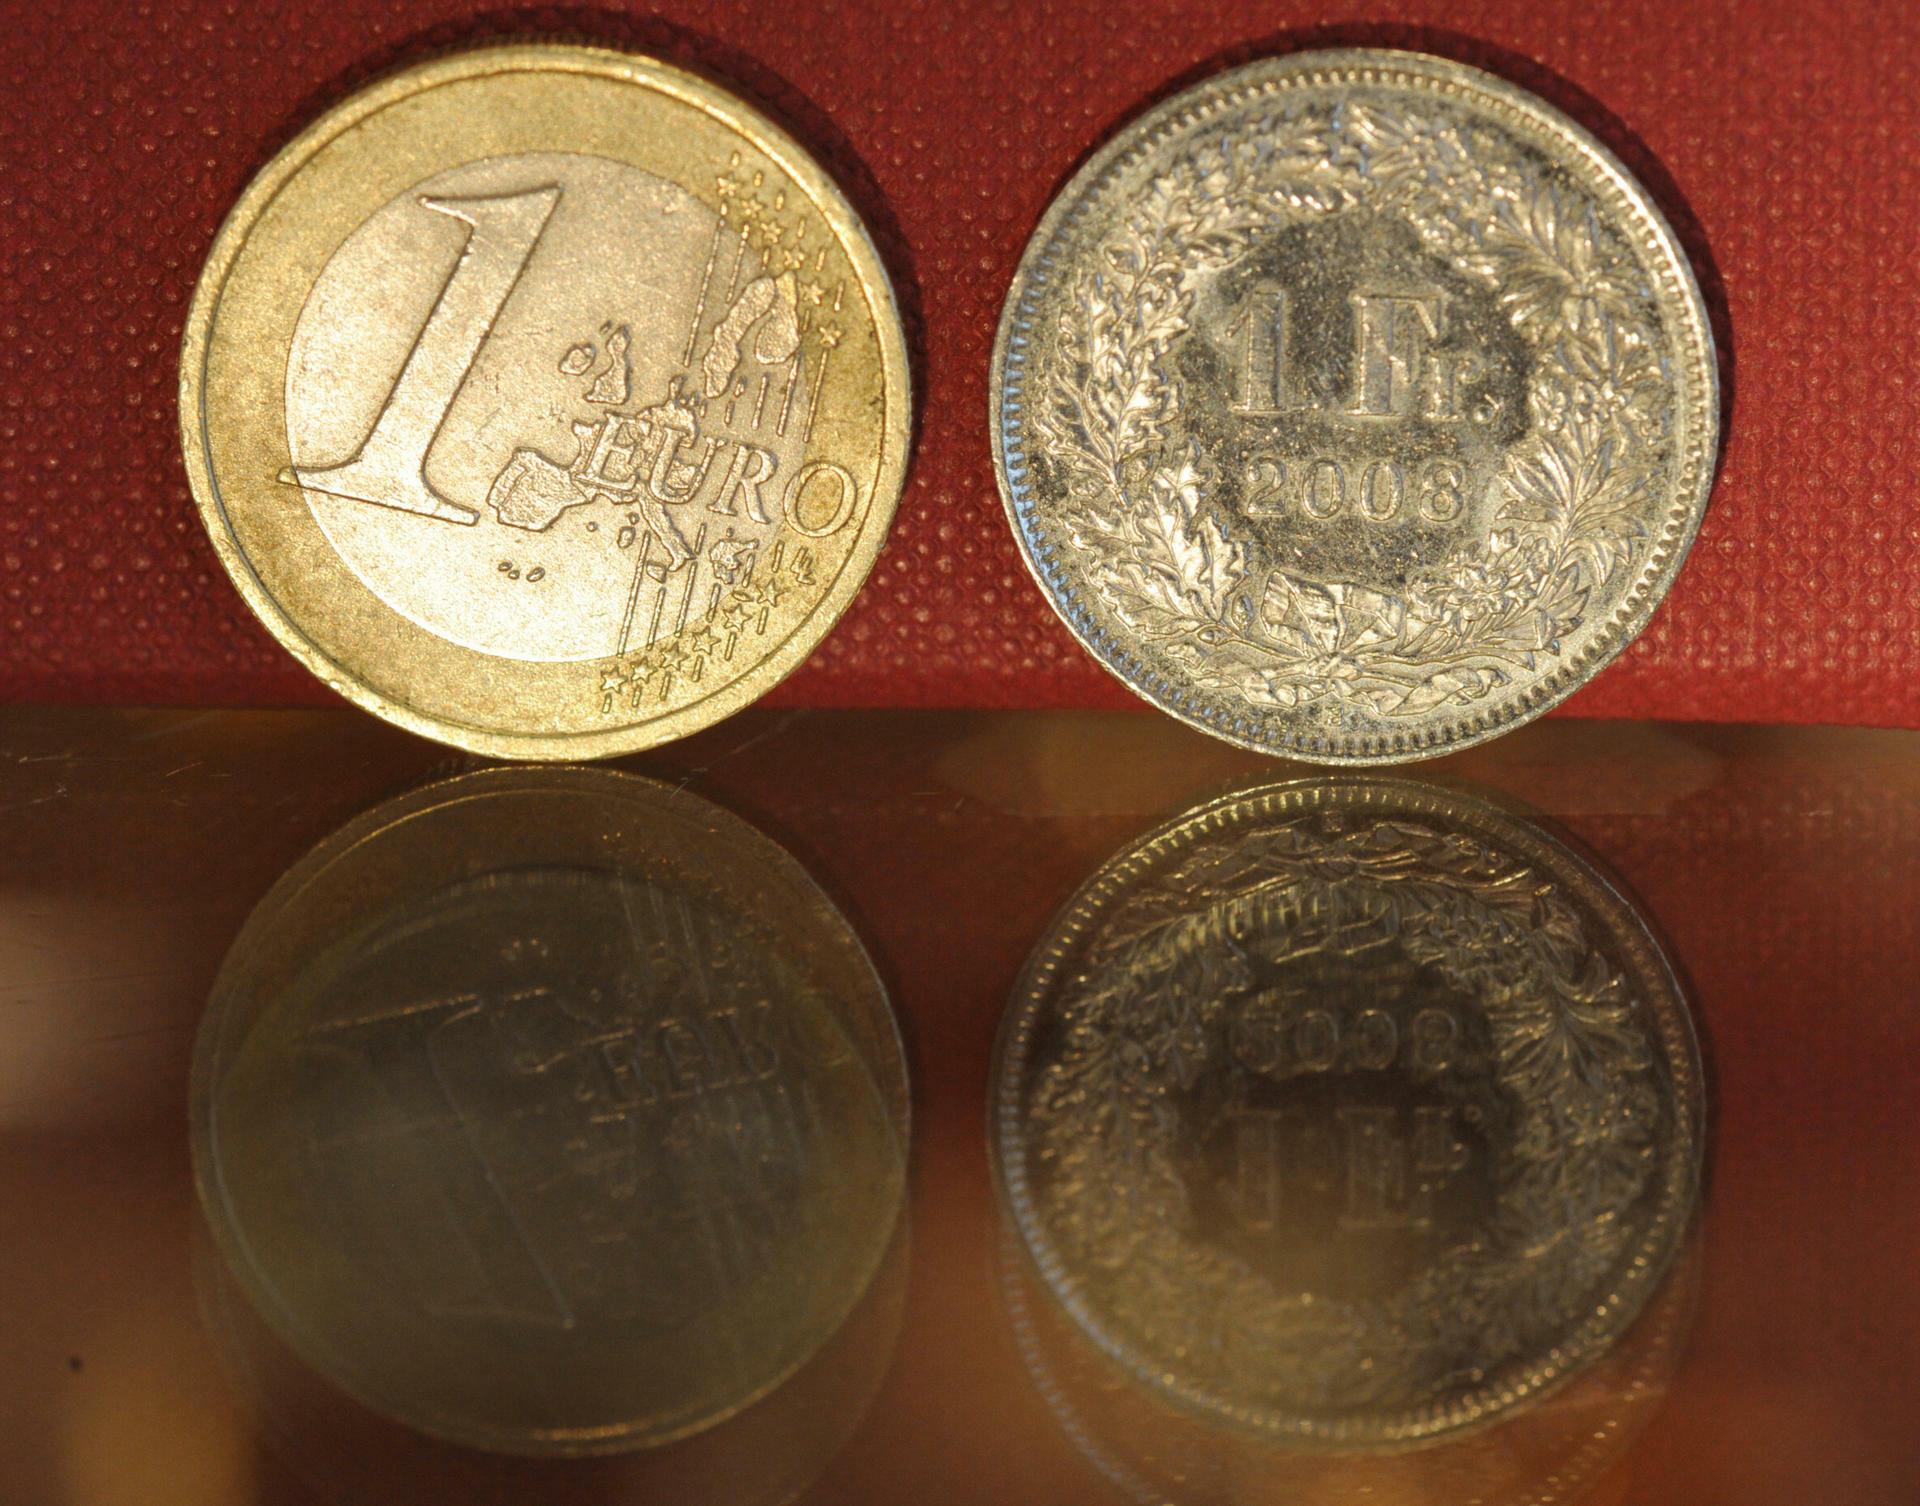 Mindestkurs Zum Euro Schweizer Zentralbank Legt Mindest Wechselkurs